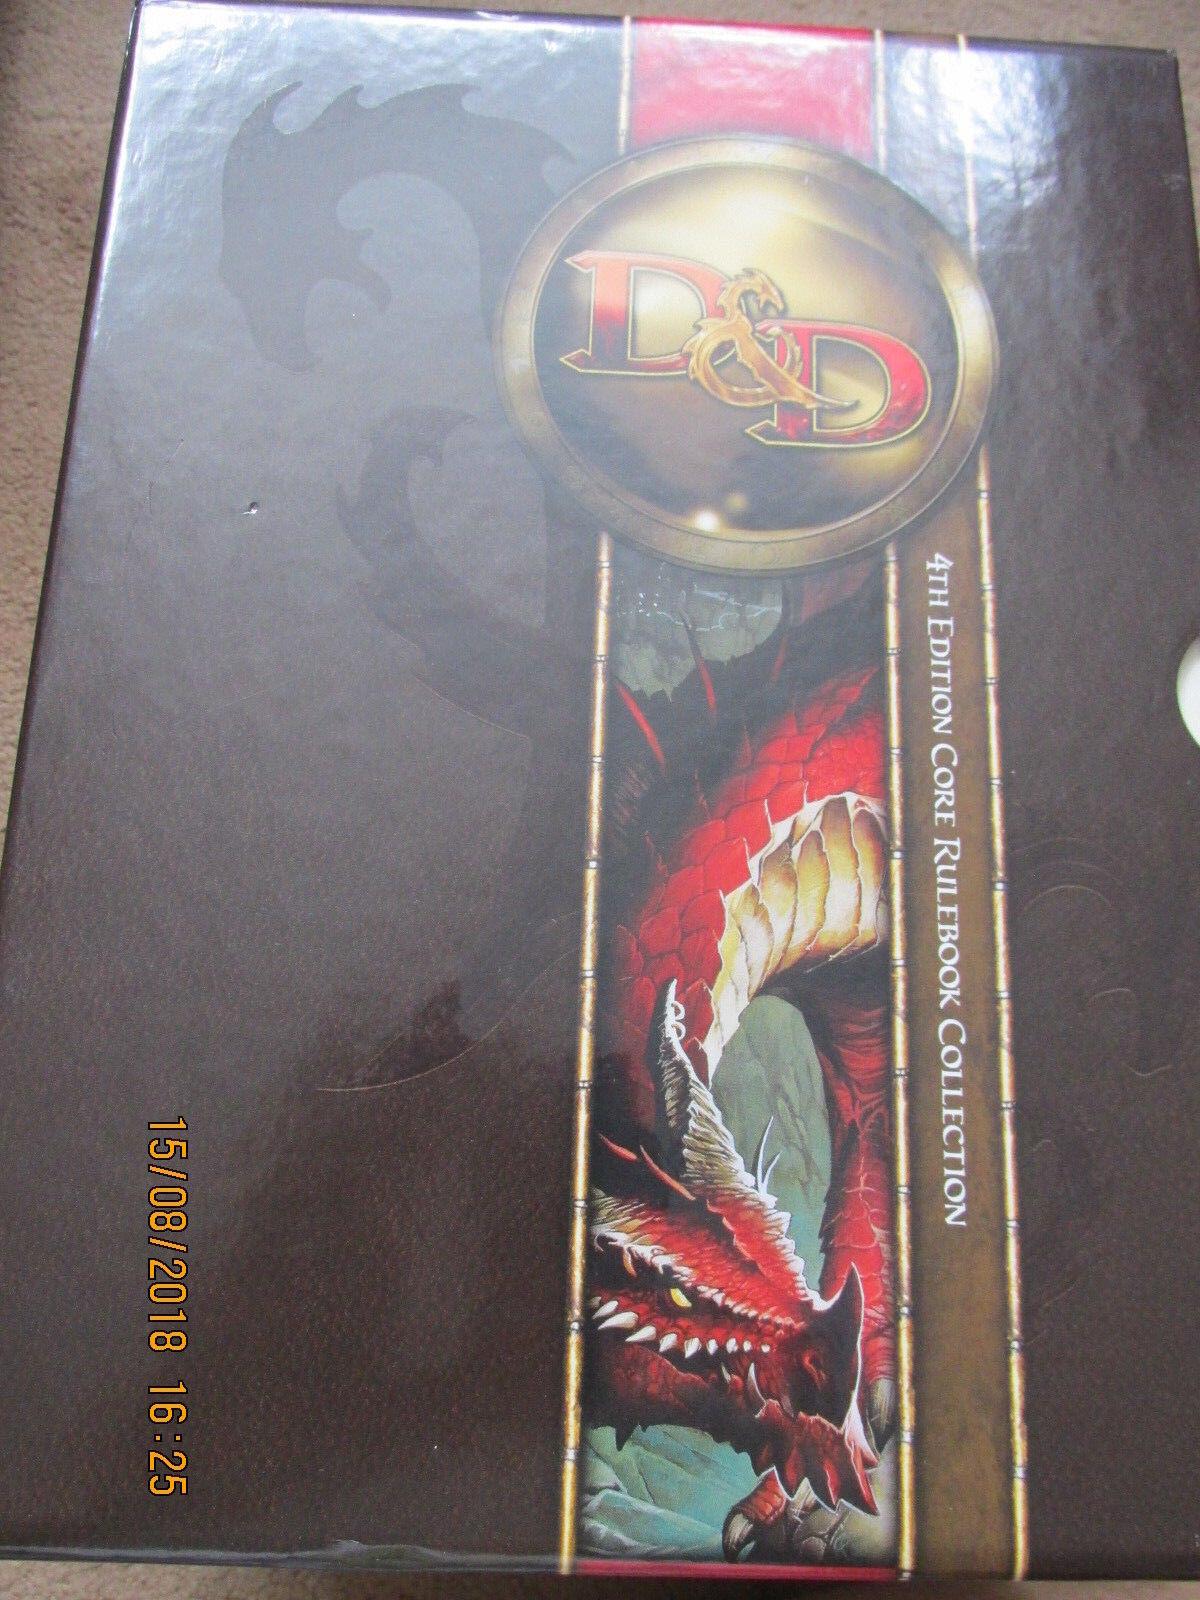 buona reputazione WOTC D&D D20 4E CORE CORE CORE RULES scatolaED PHB DMG MM  DUNGEON DRAGON VGC RPG  più ordine